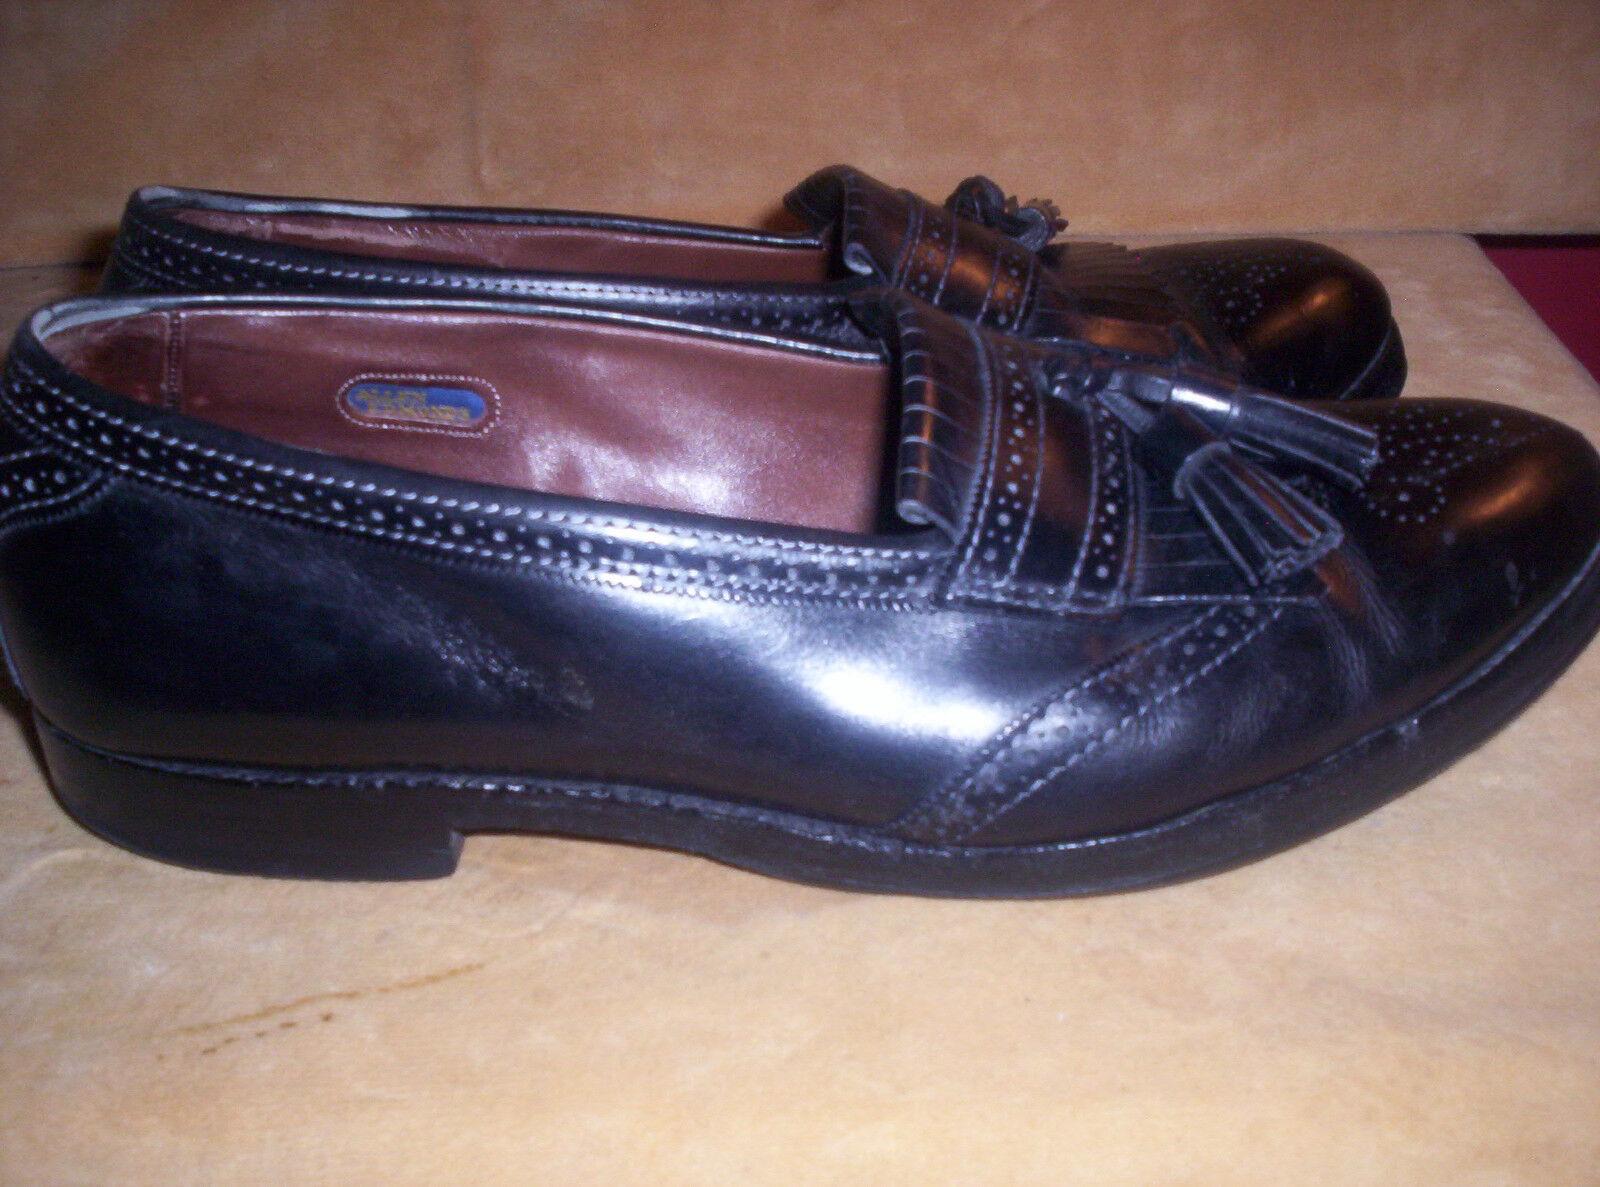 Allen Edmonds Bridgeton Brogue Loafers Men's 9.5 D Black Kiltie Tassel USA MADE